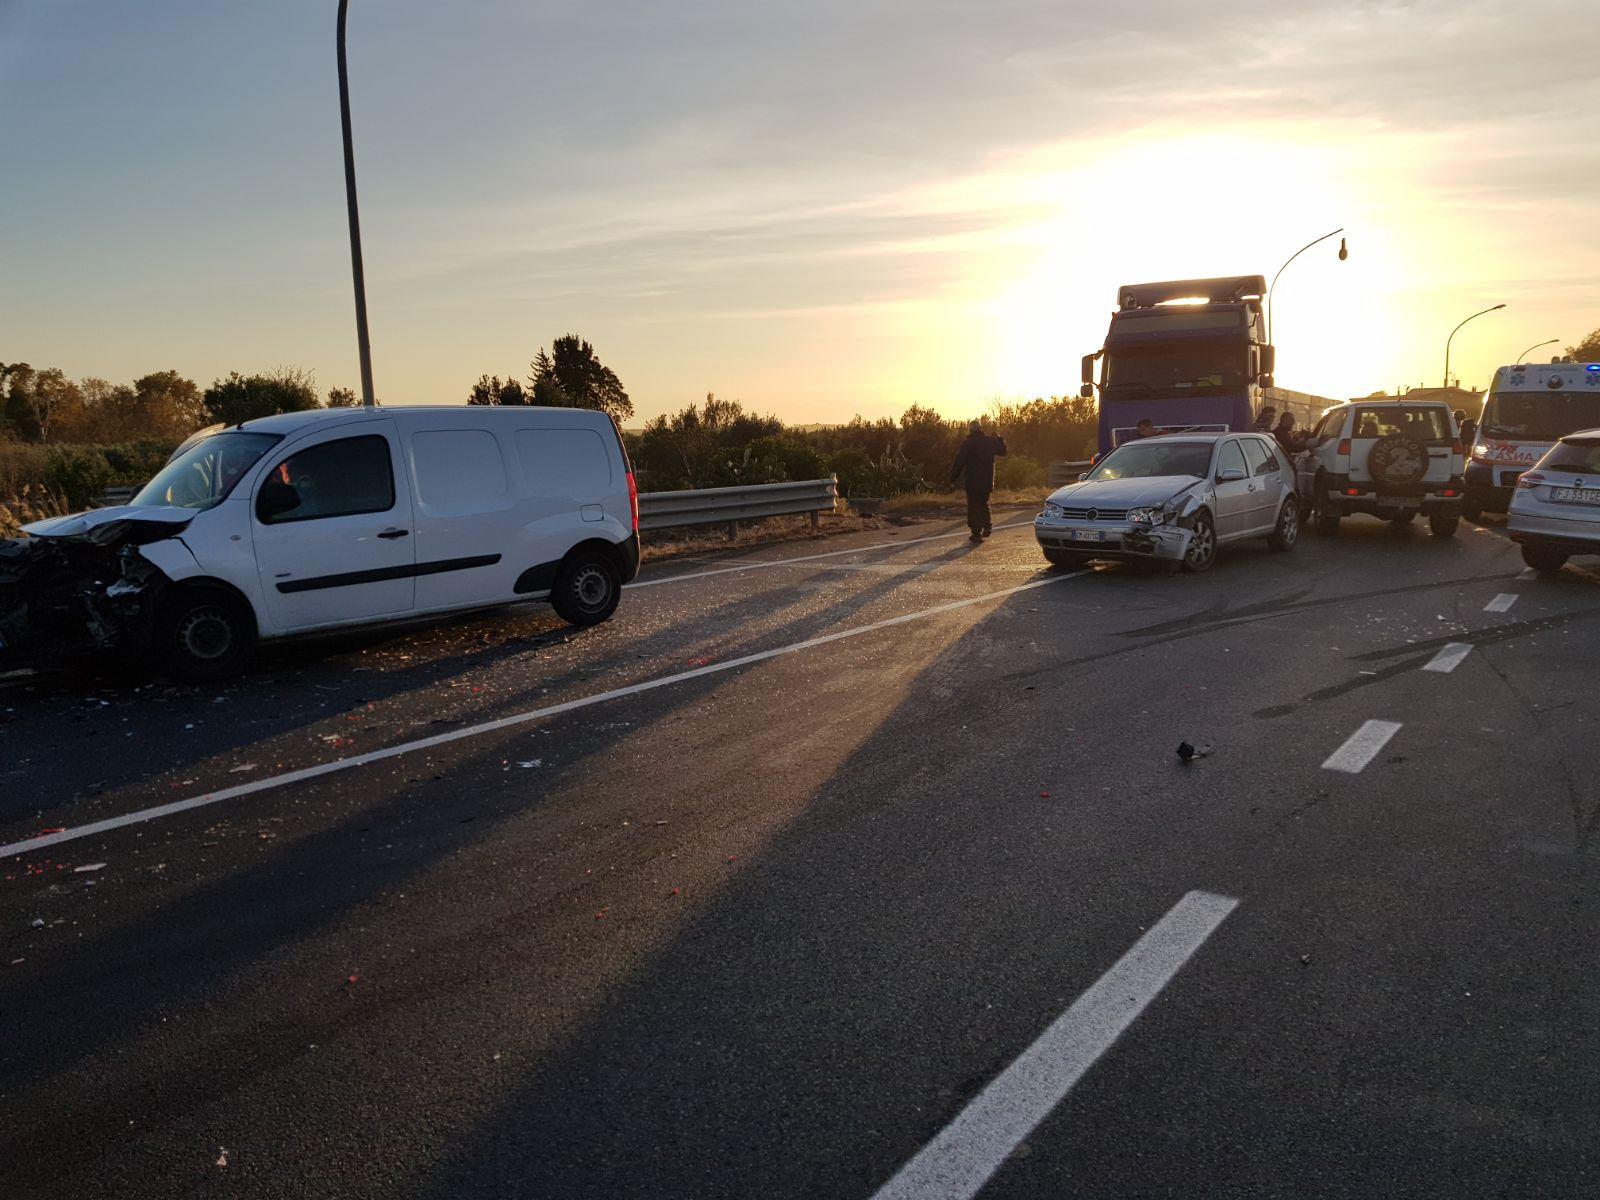 Violento scontro sulla statale 106 nel Catanzarese  Quattro veicoli coinvolti, ferita anche una bambina